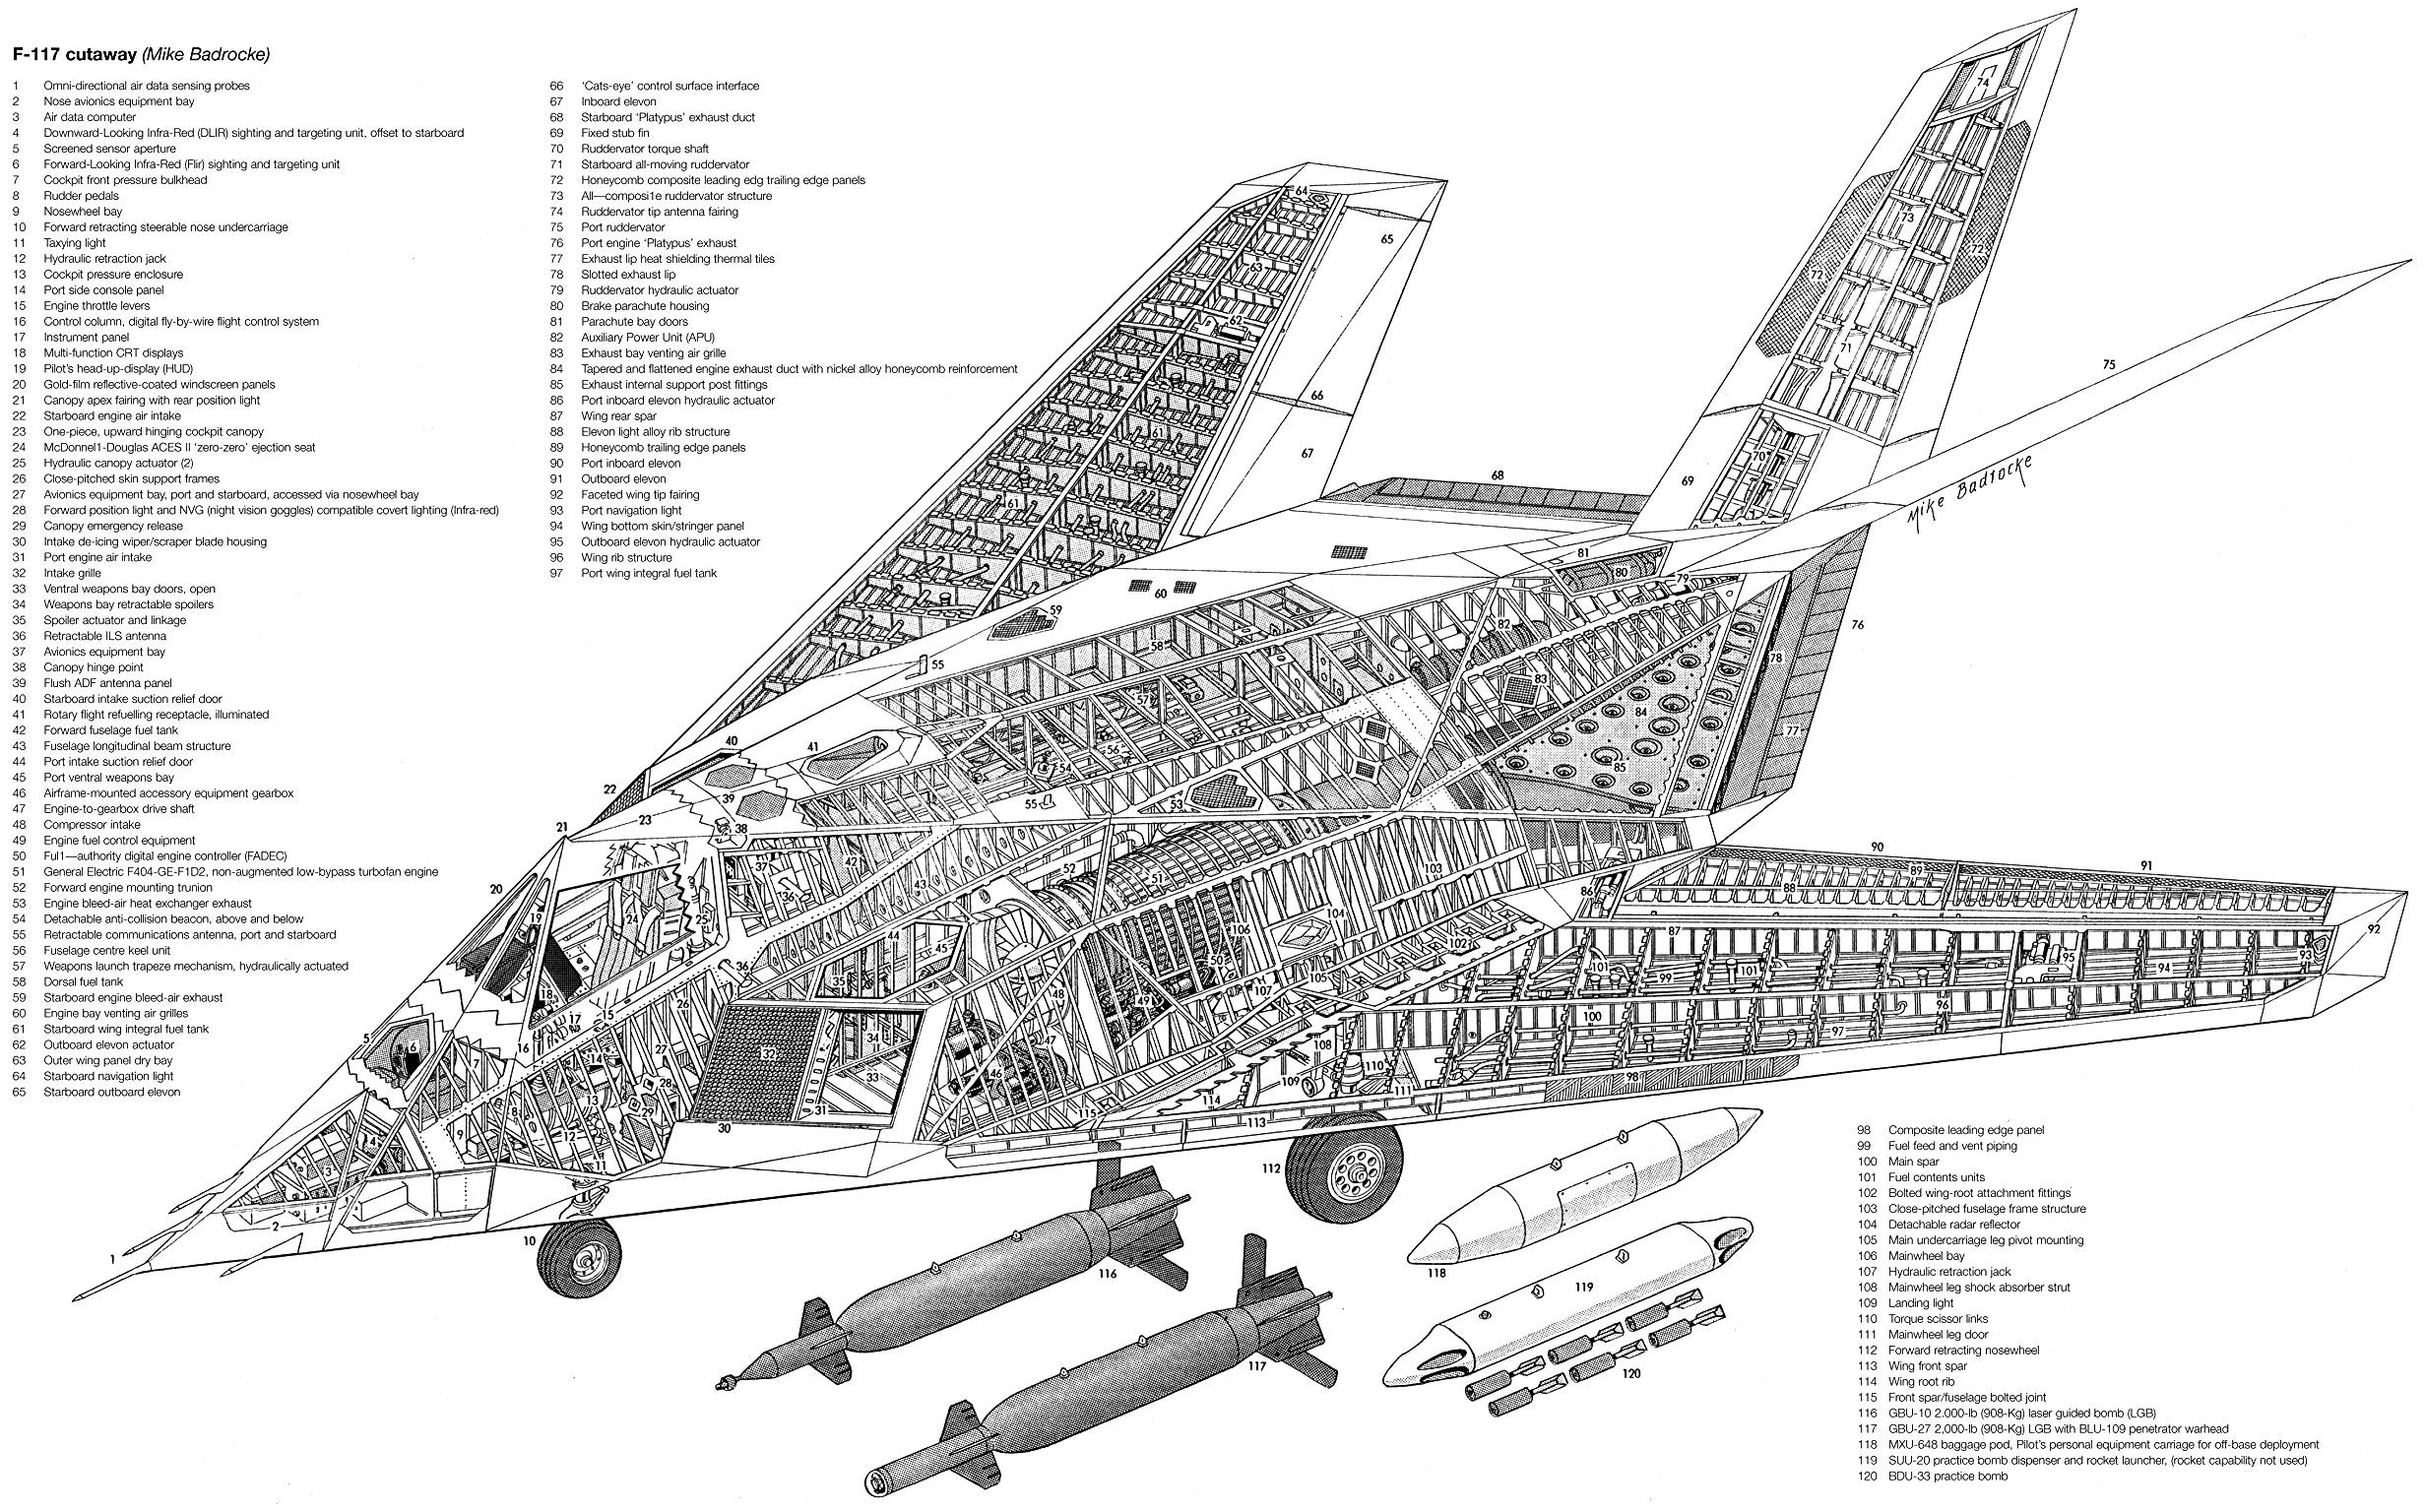 Lockheed F-117 Nighthawk Stealth Fighter PDF eBook